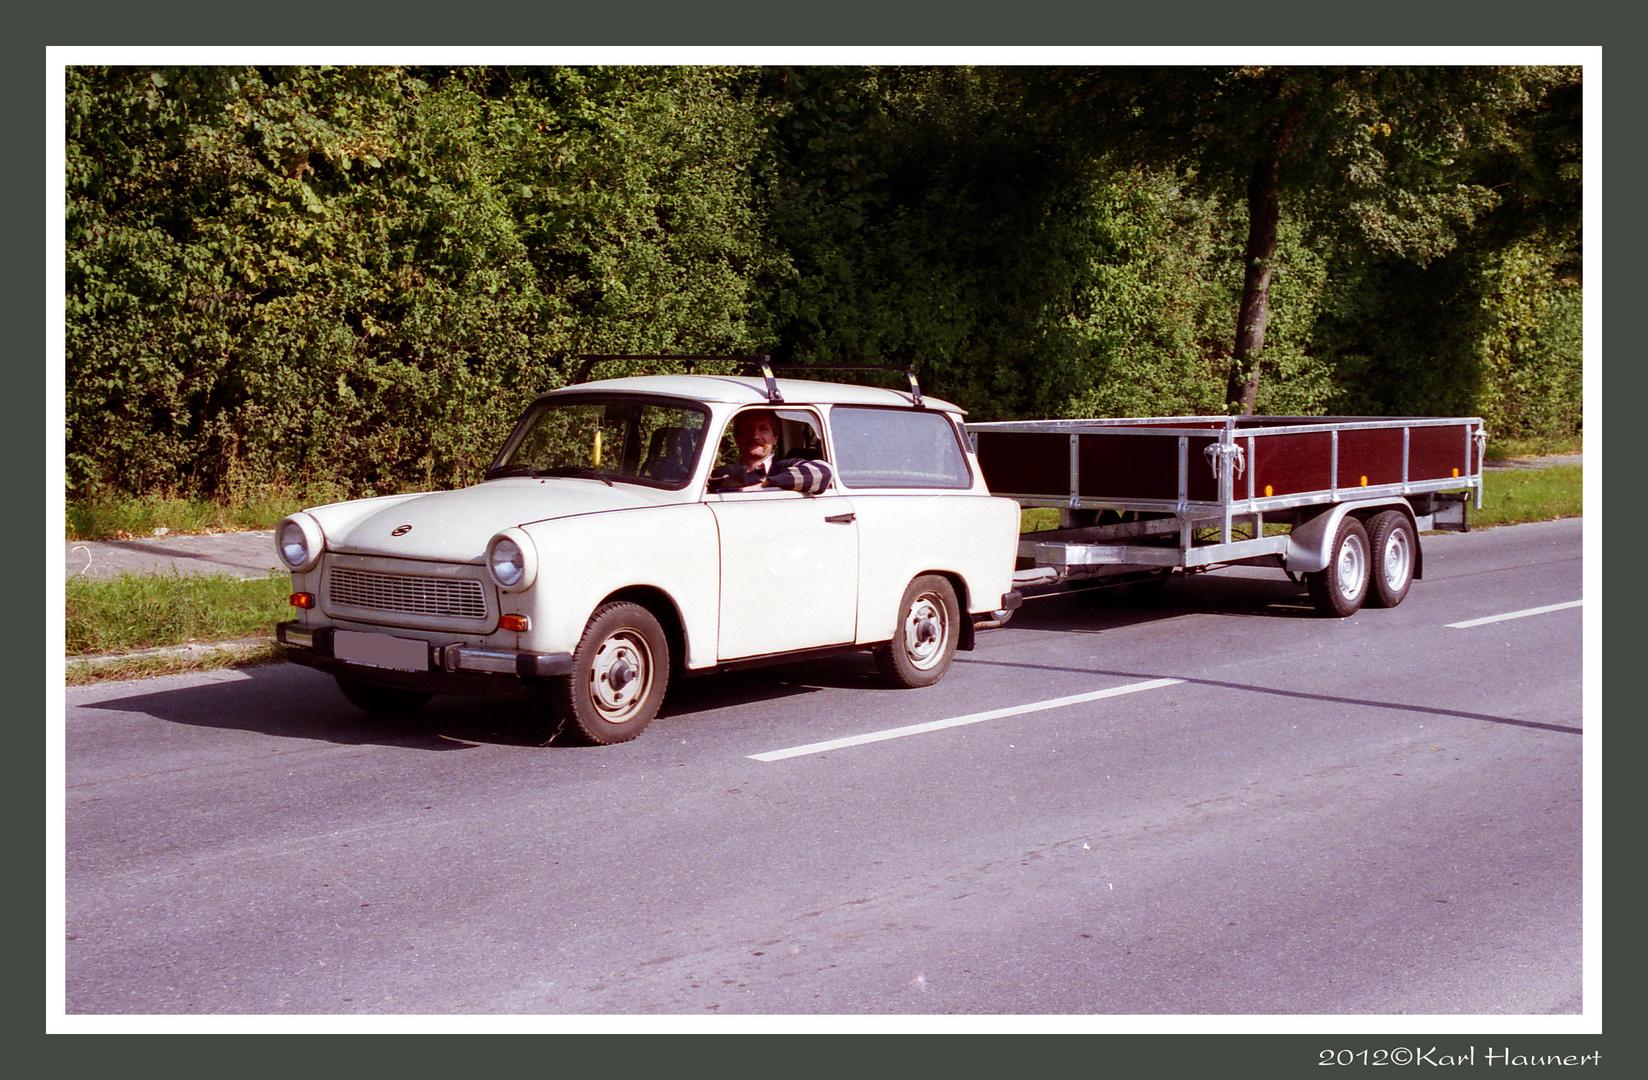 trabant 601 kombi mit 2 tonnen anh nger foto bild. Black Bedroom Furniture Sets. Home Design Ideas